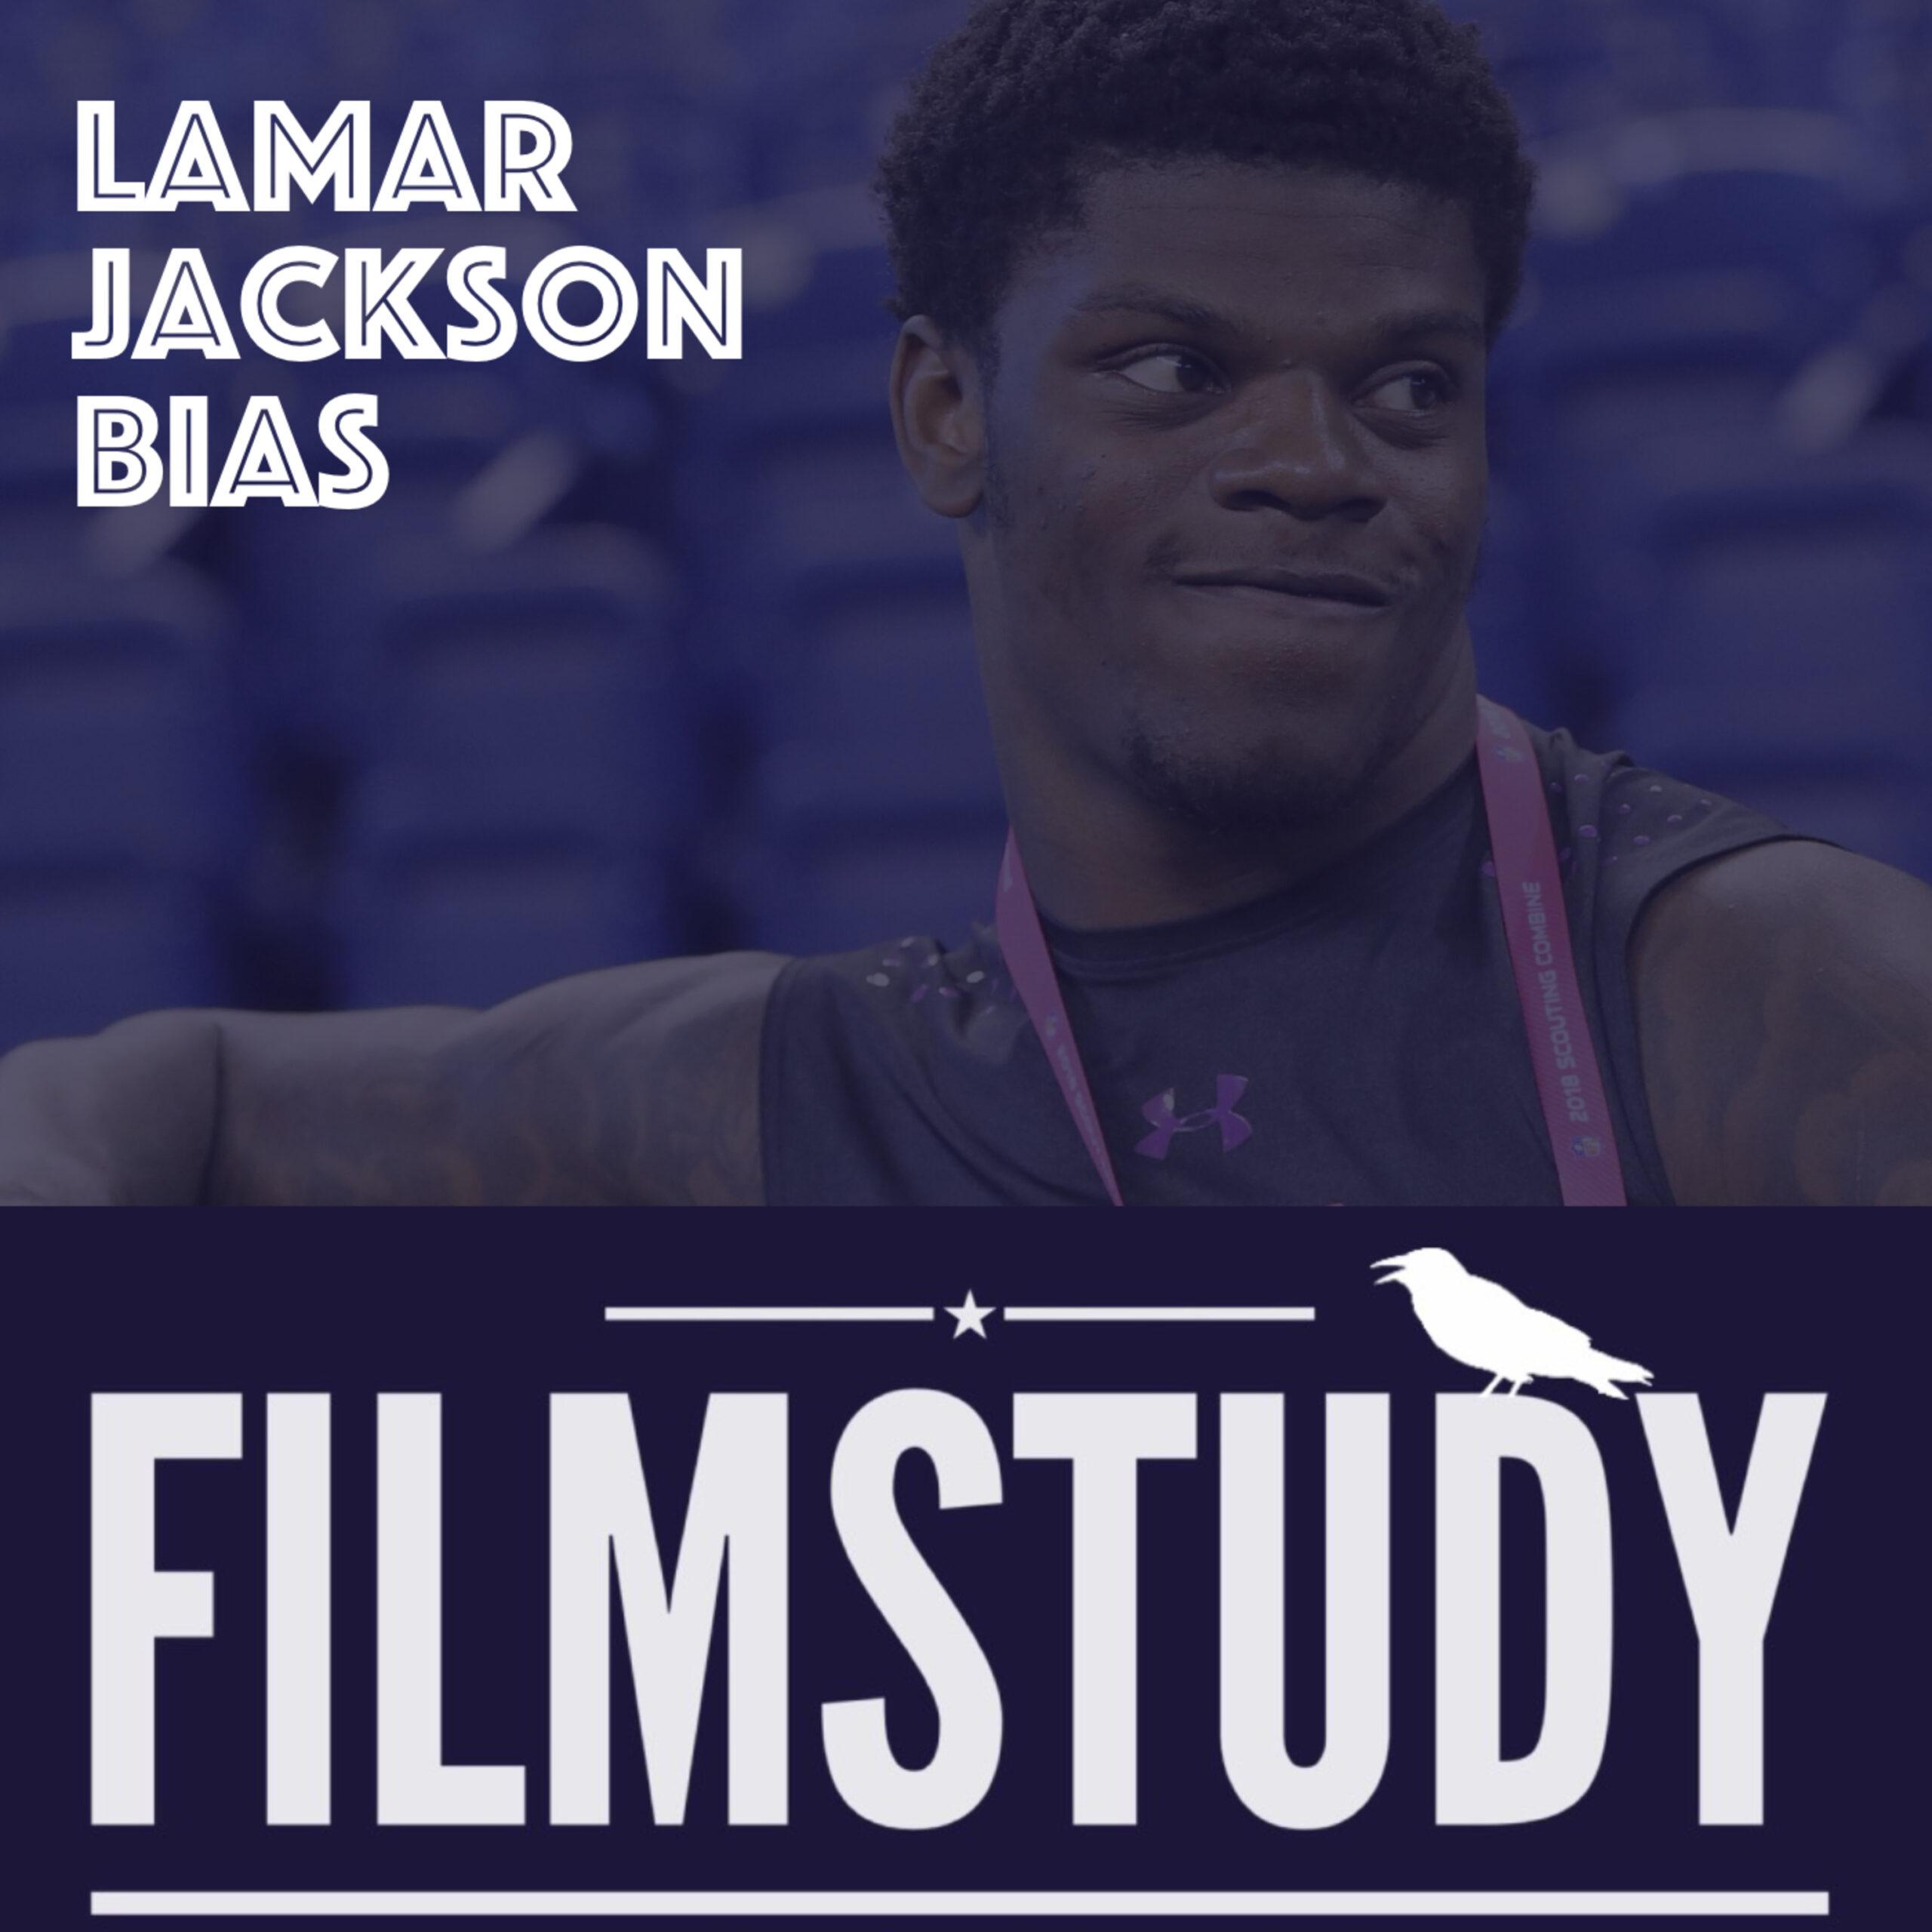 Lamar Jackson Bias